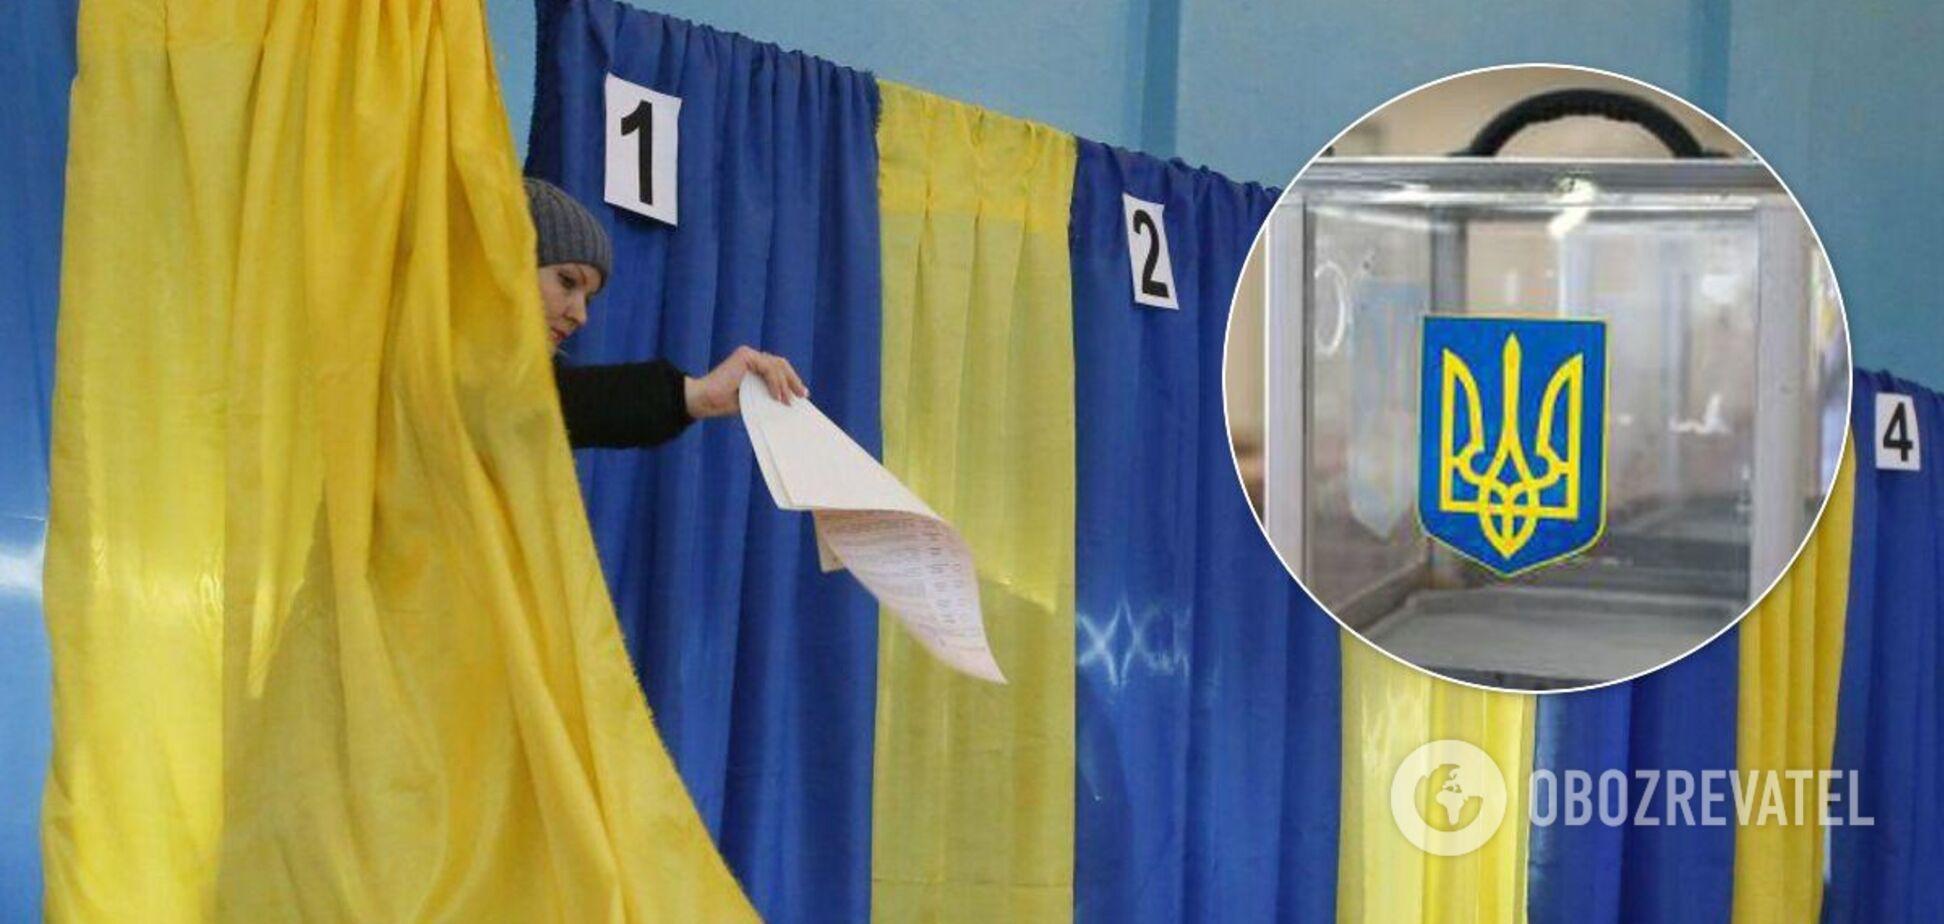 Референдум як граната в руках популістів і невігласів